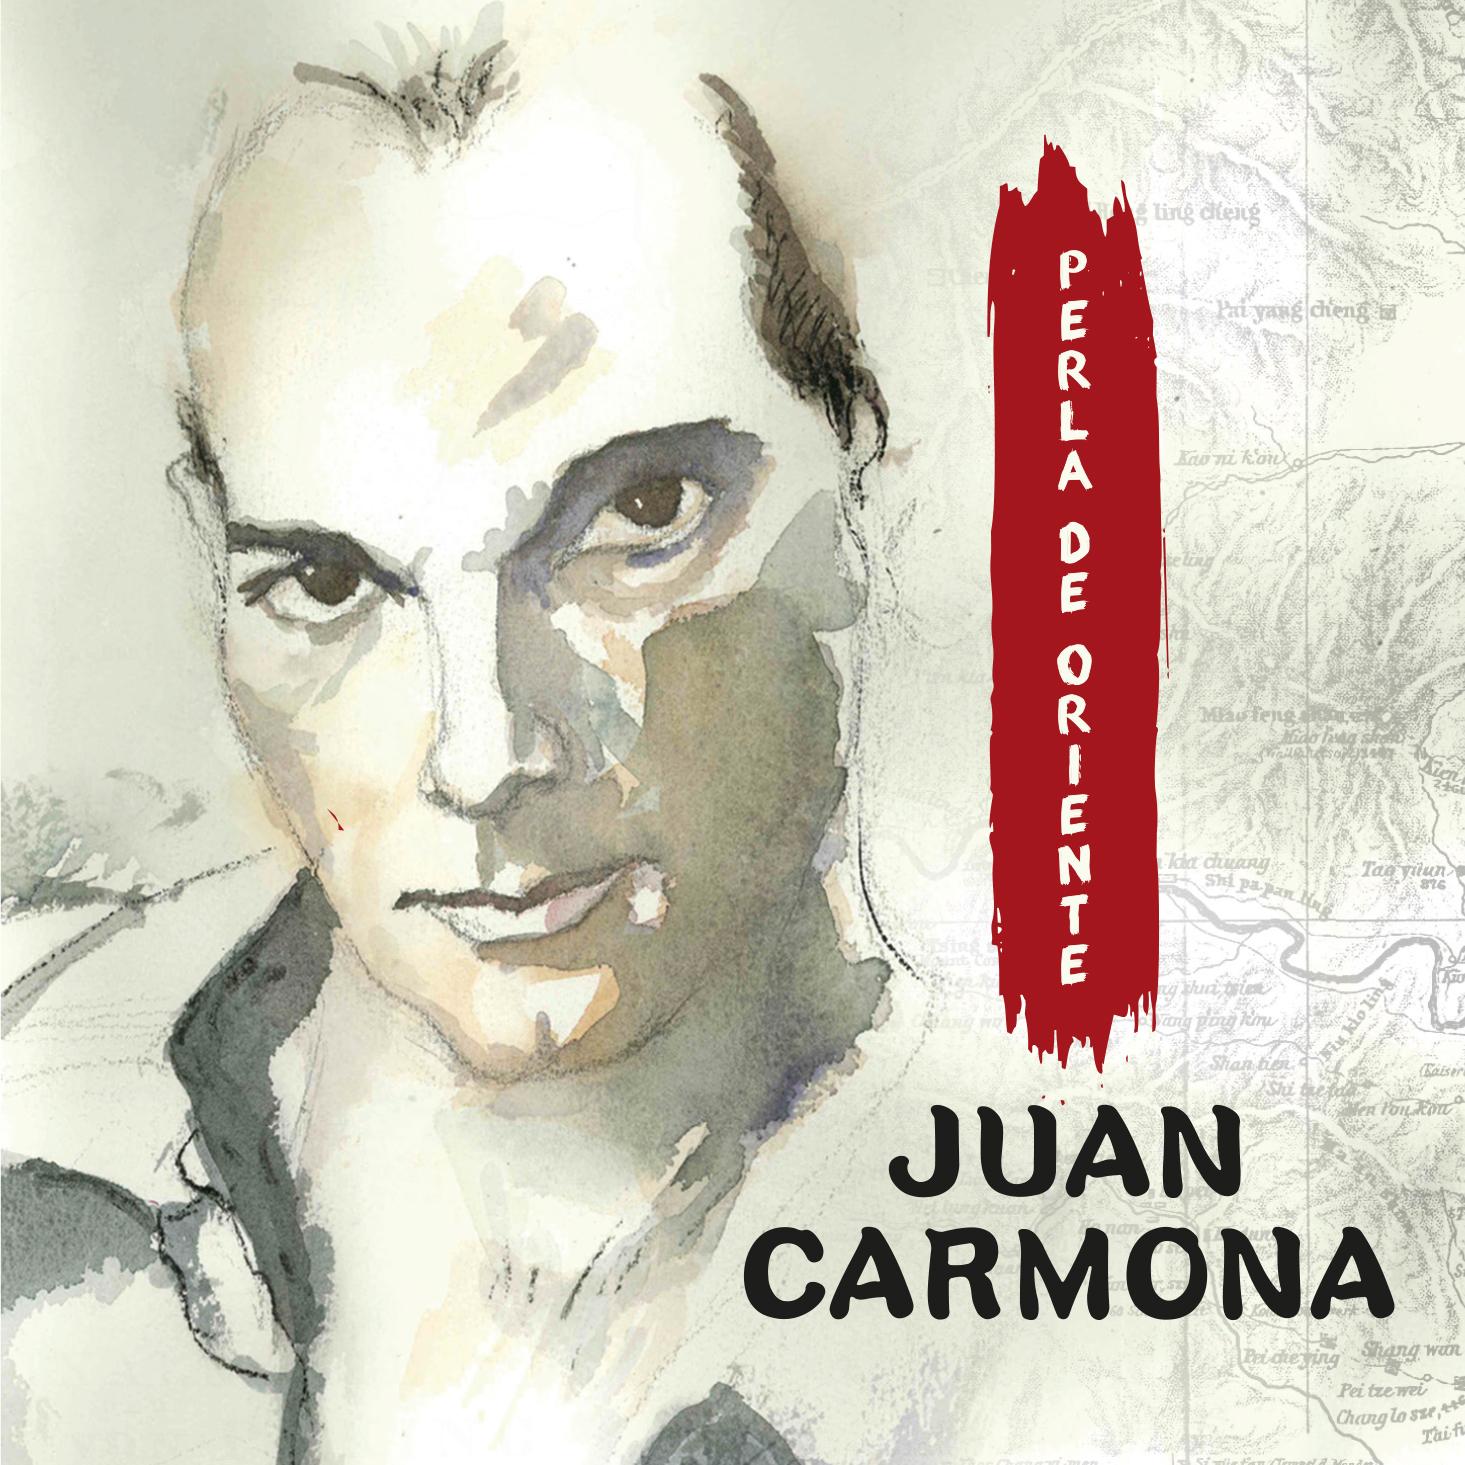 hd_couv-promo_juan-carmona